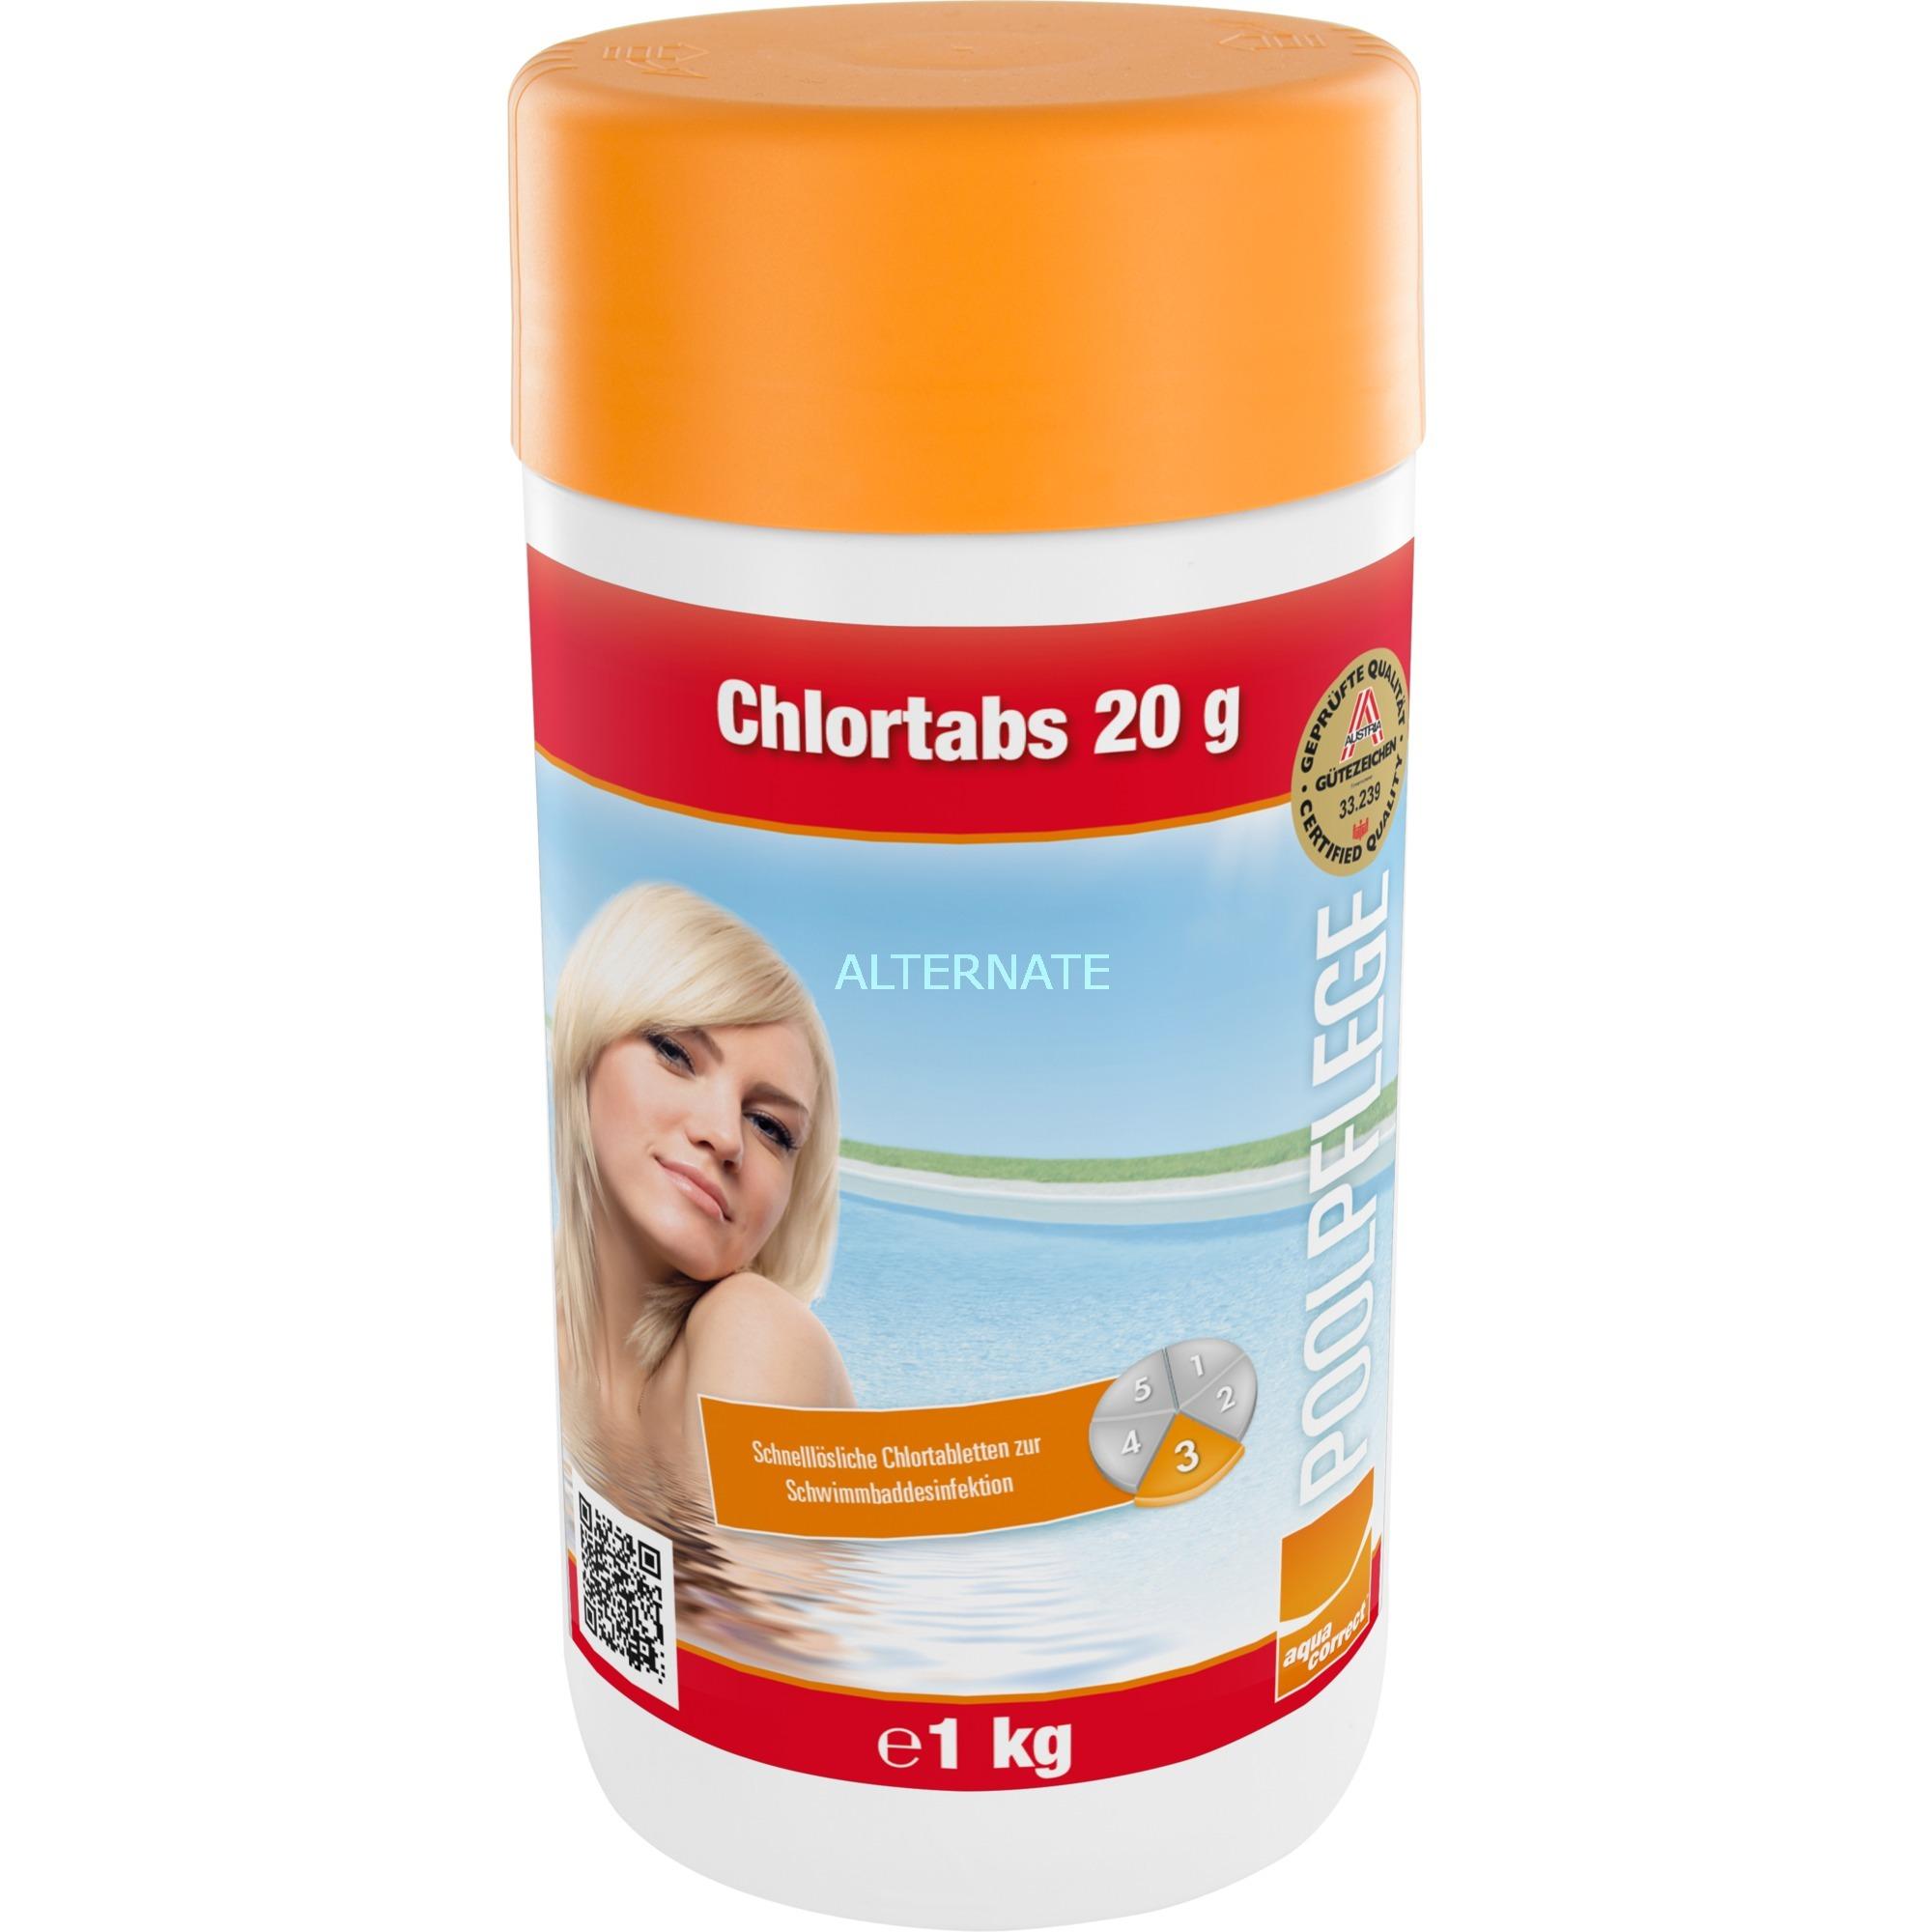 0757201TD08, Productos químicos para piscinas